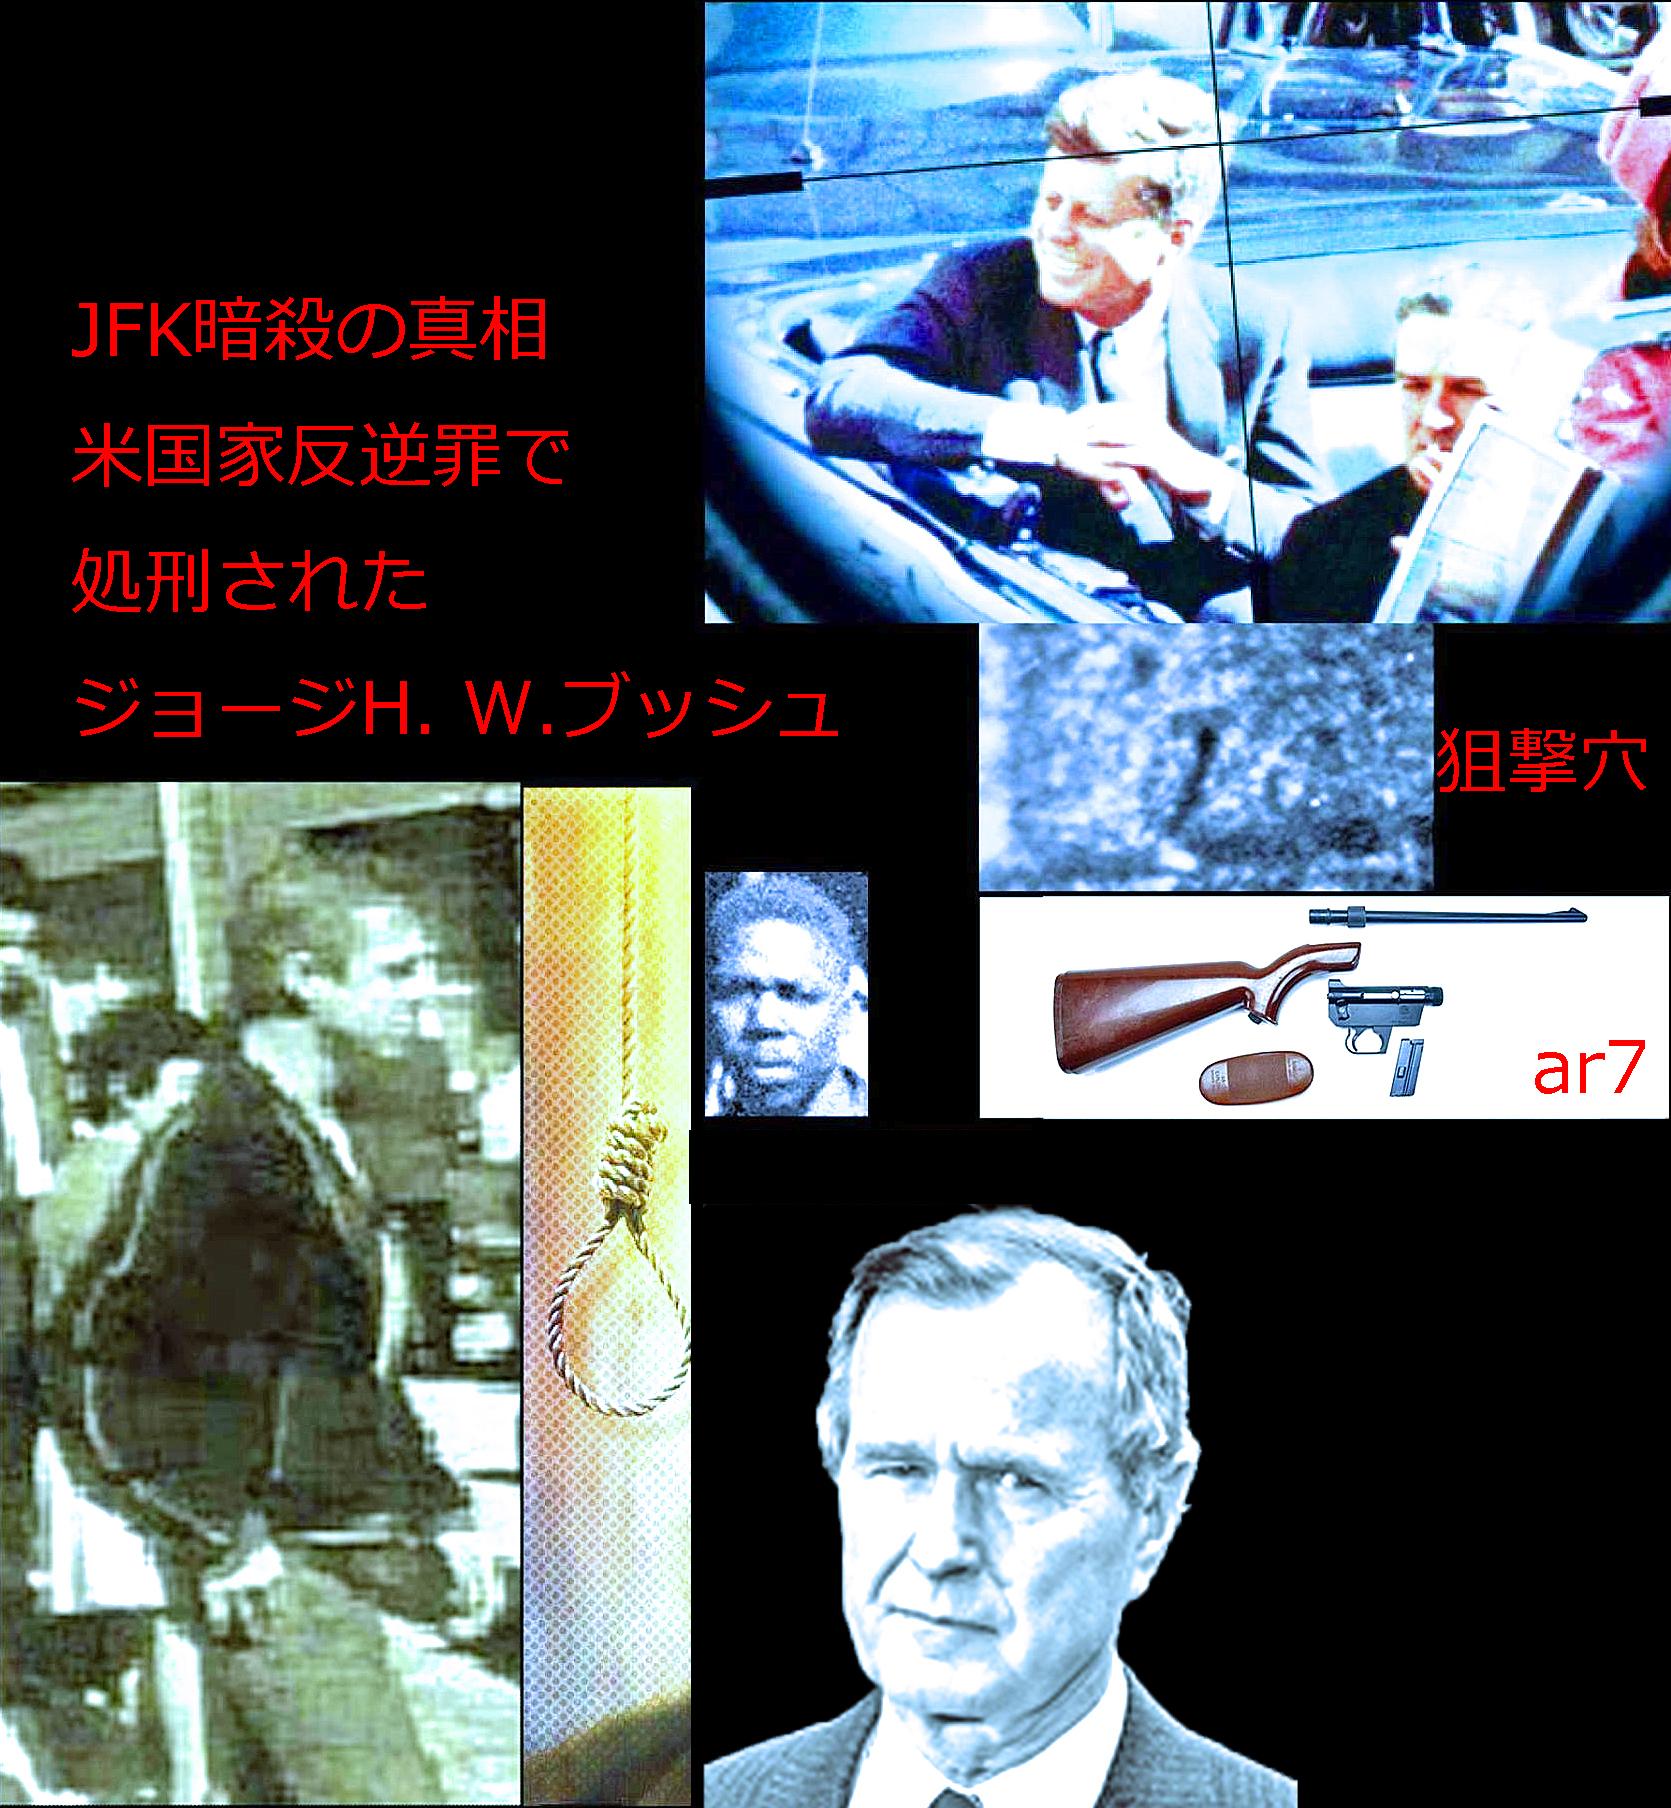 真相 ケネディ 暗殺